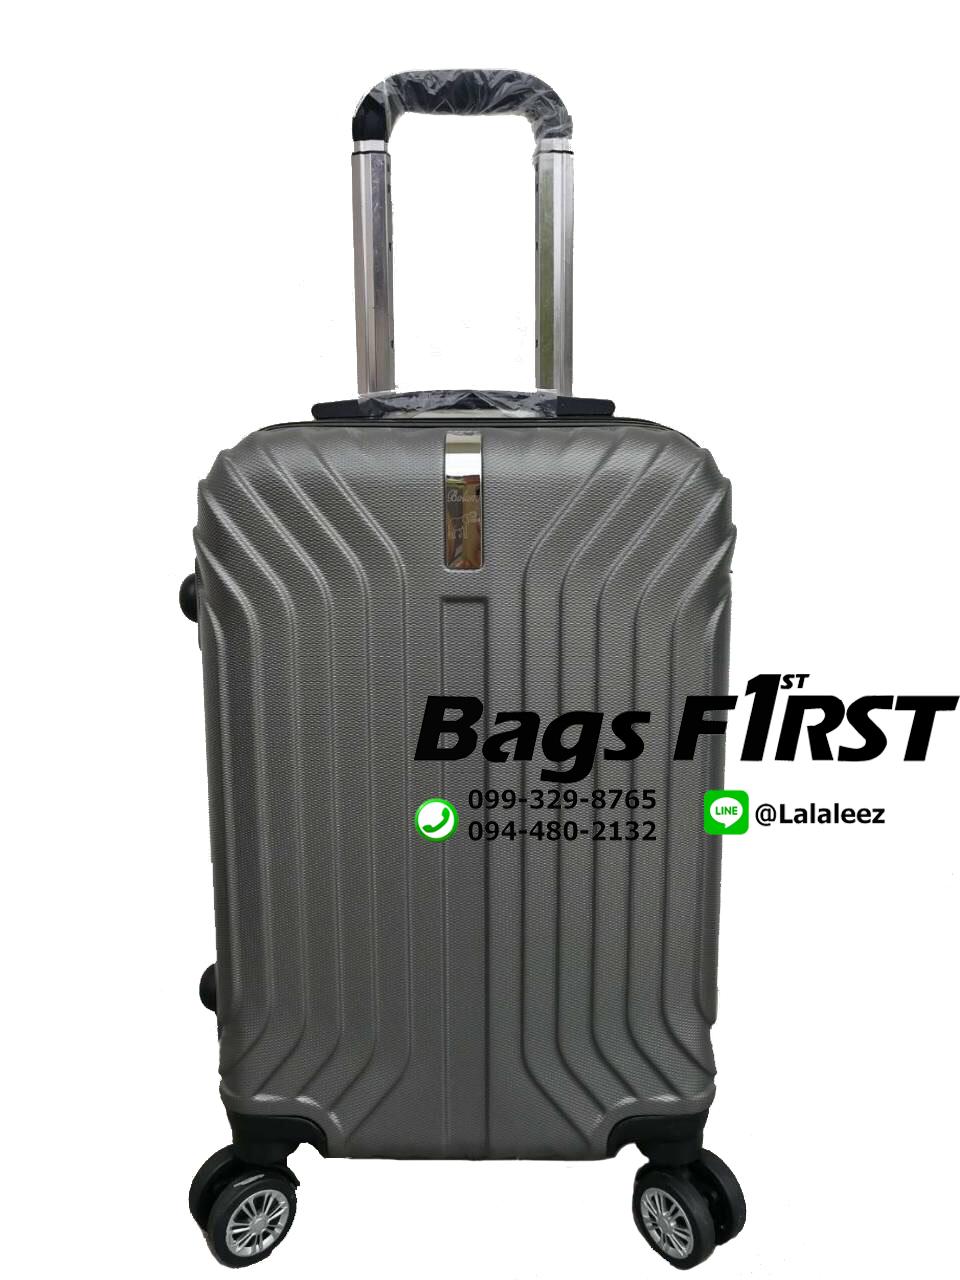 กระเป๋าเดินทาง ไซส์ 20 นิ้ว 4 ล้อลาก สีเทาเข้ม (ขายส่ง)